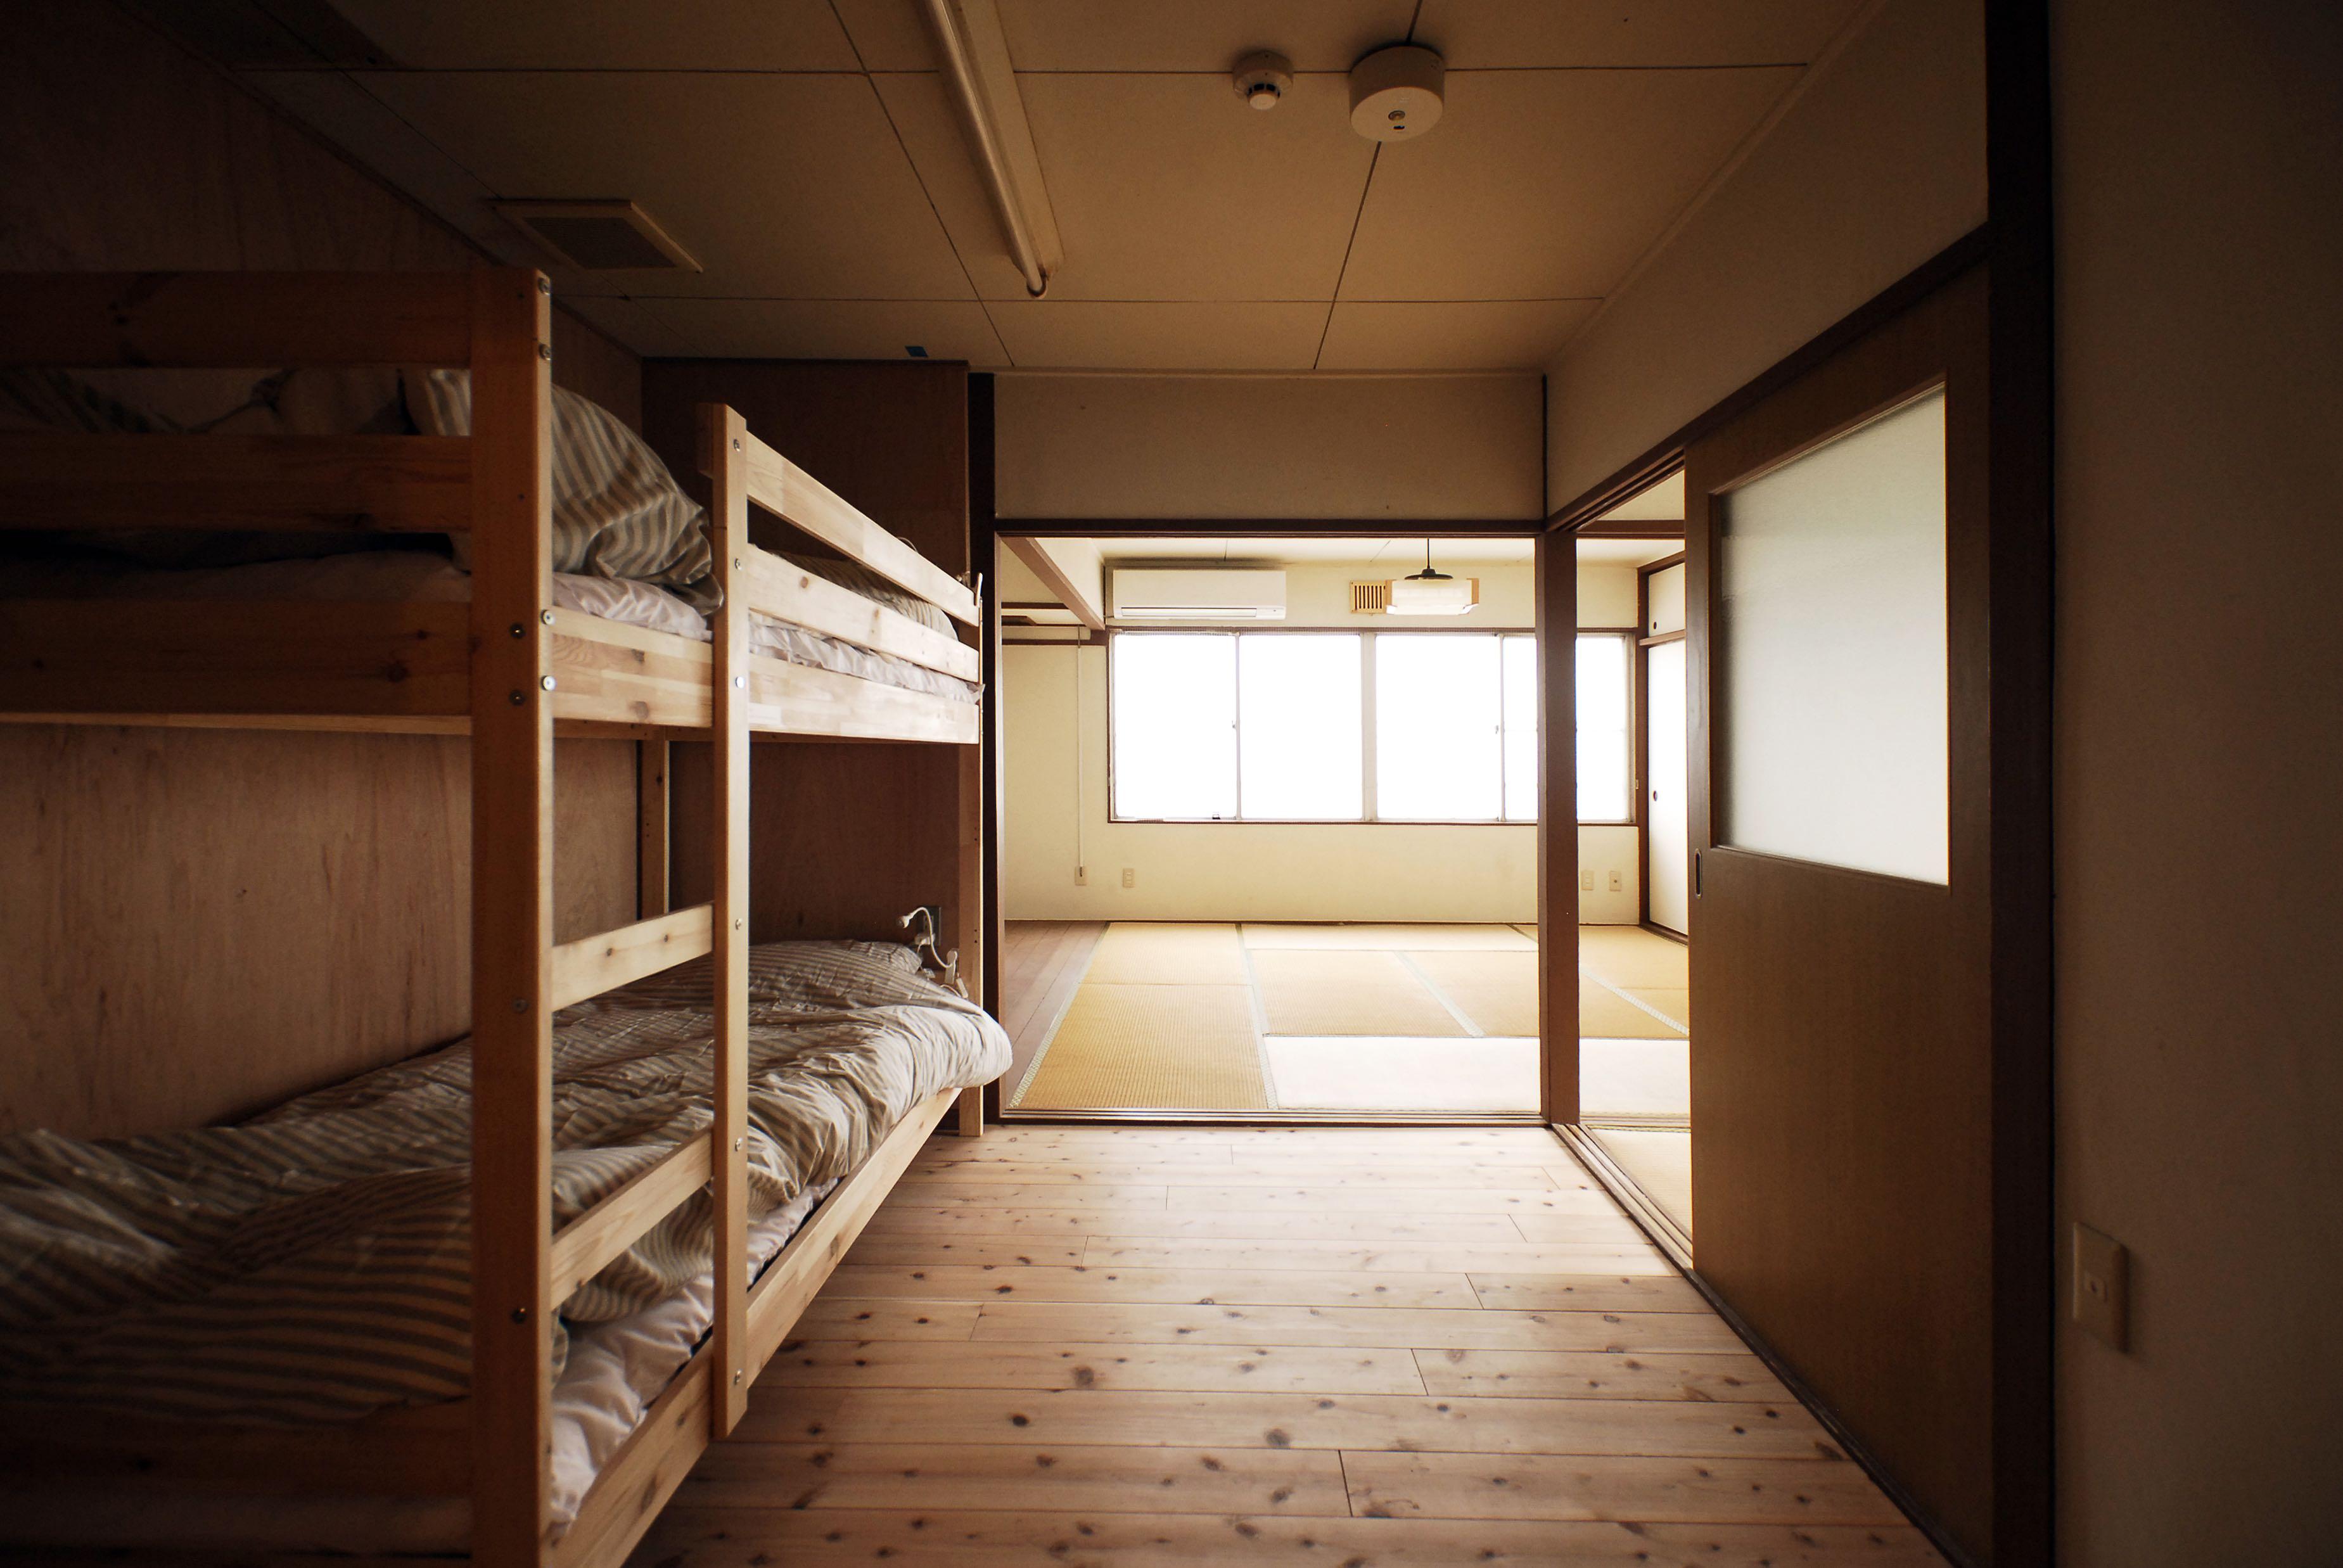 Inside of the roomの写真